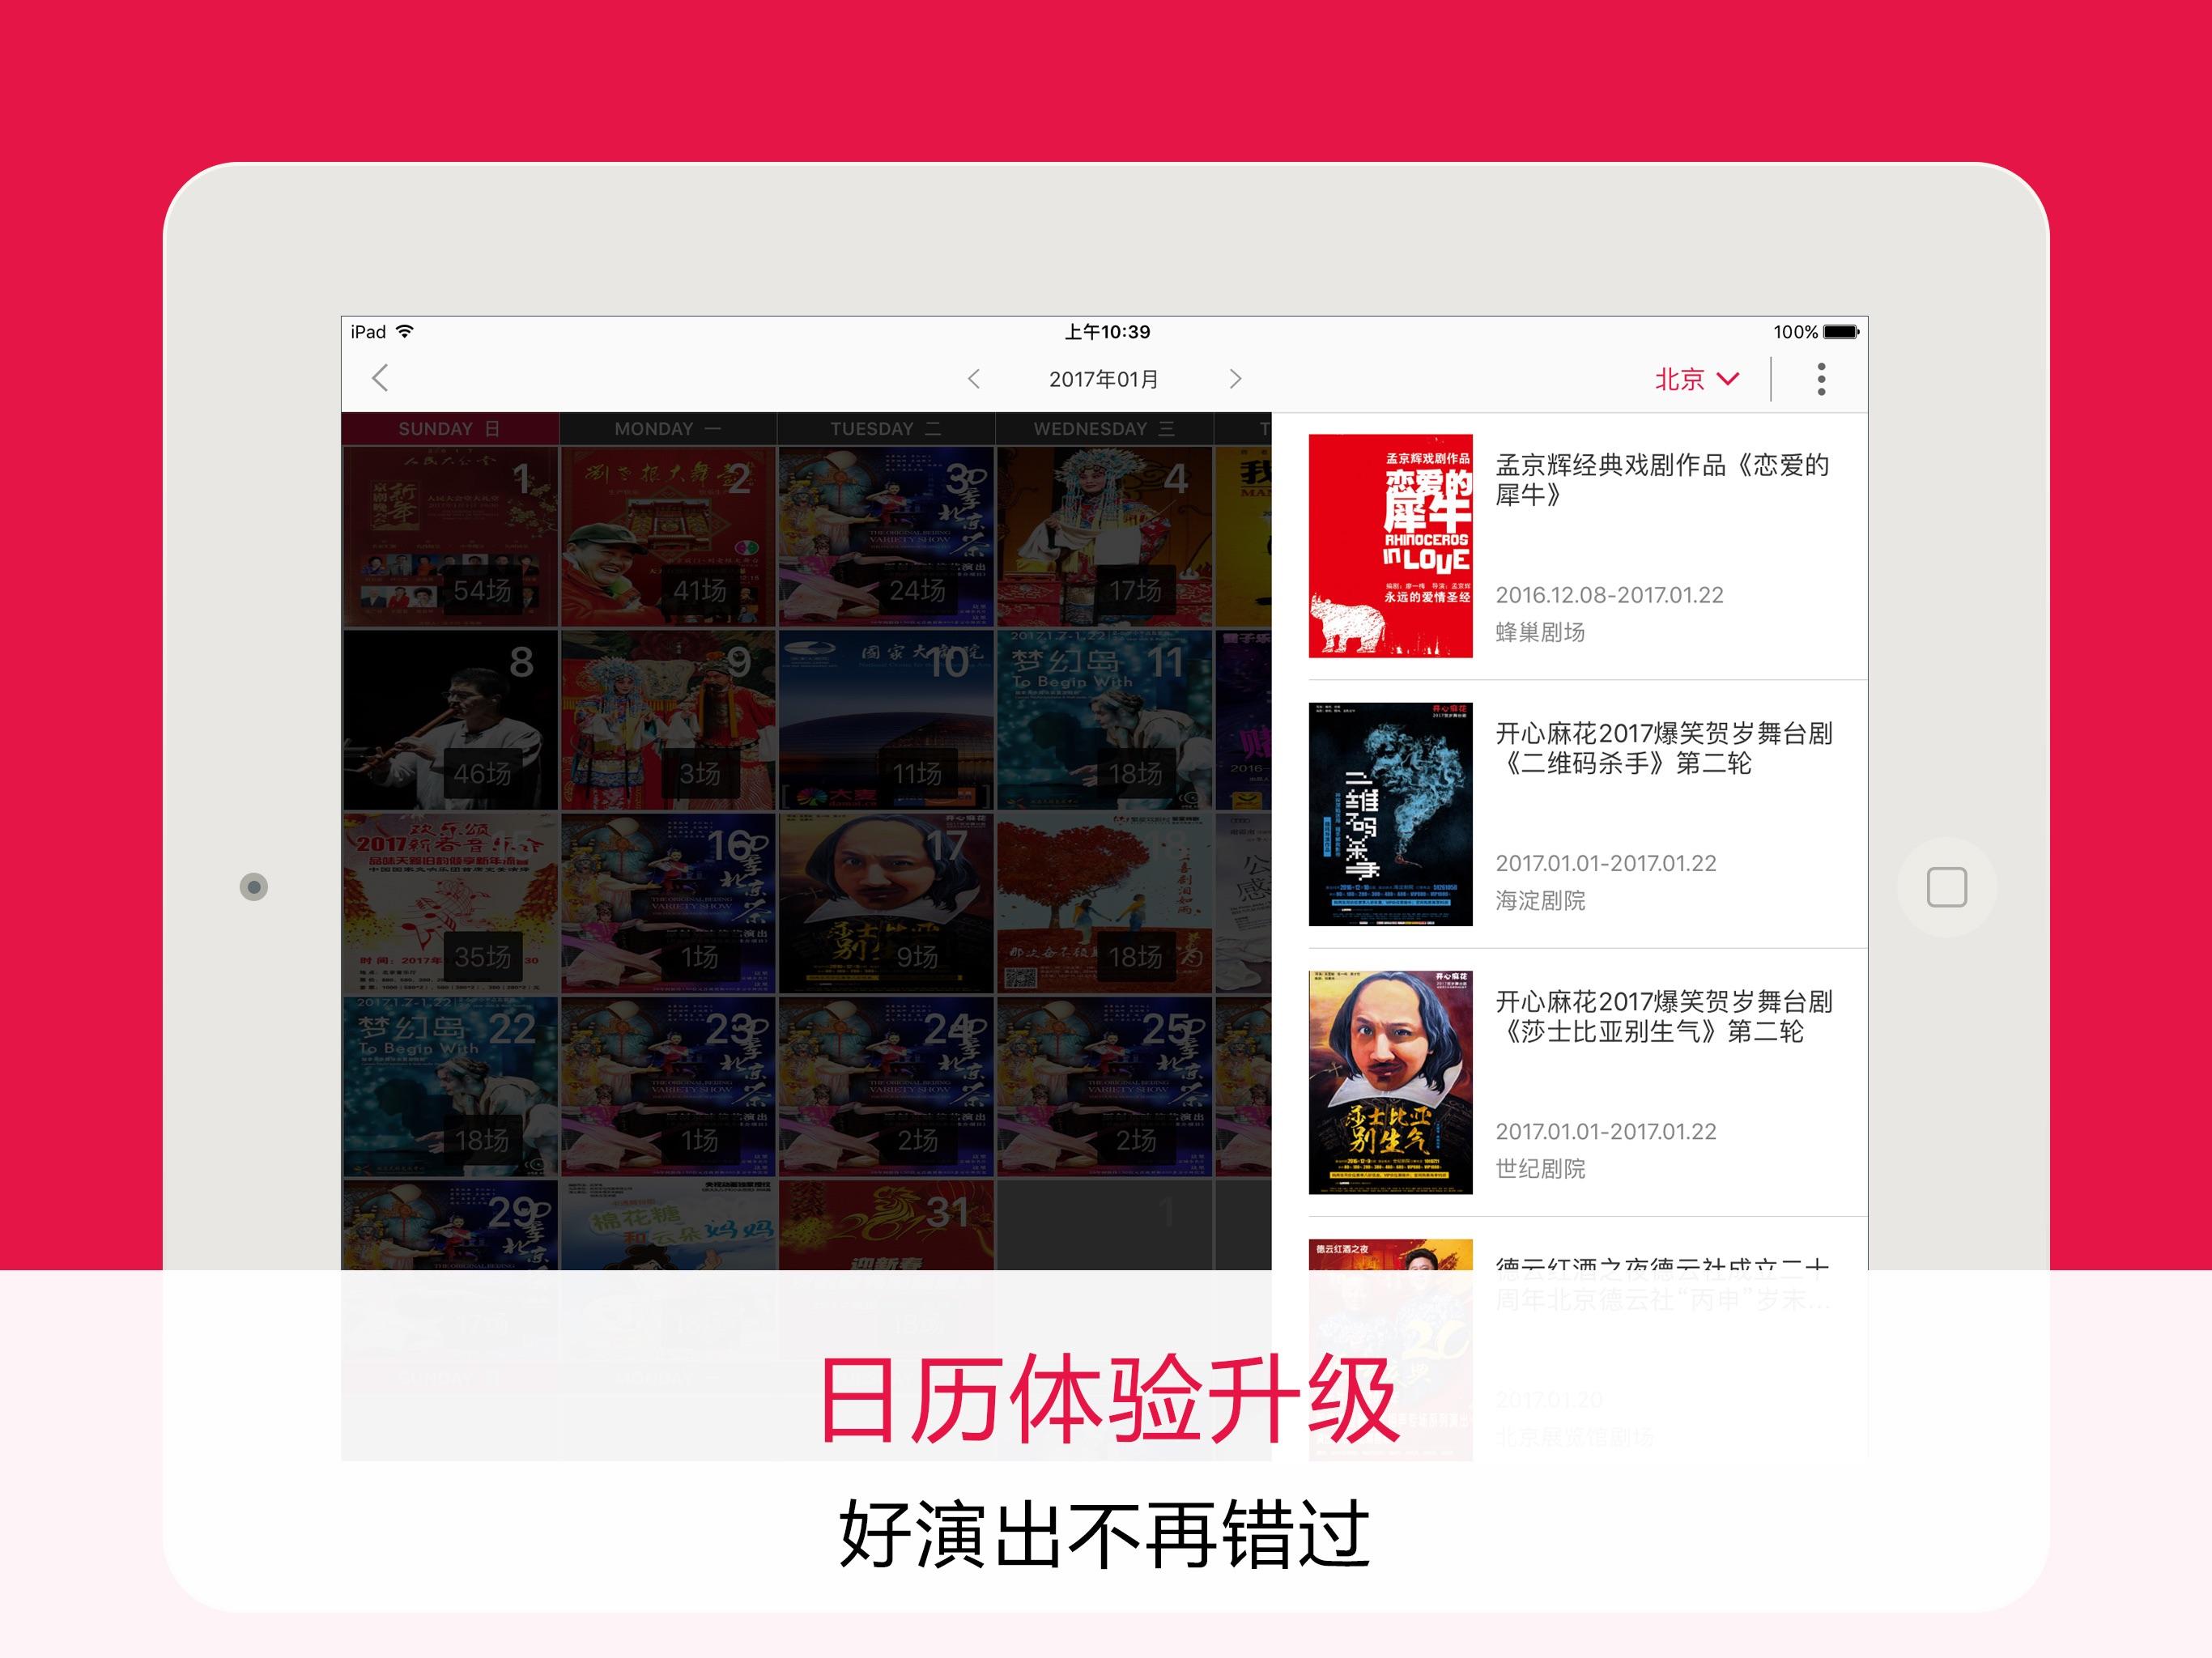 大麦HD(damai.cn)-演出、体育购票平台 Screenshot